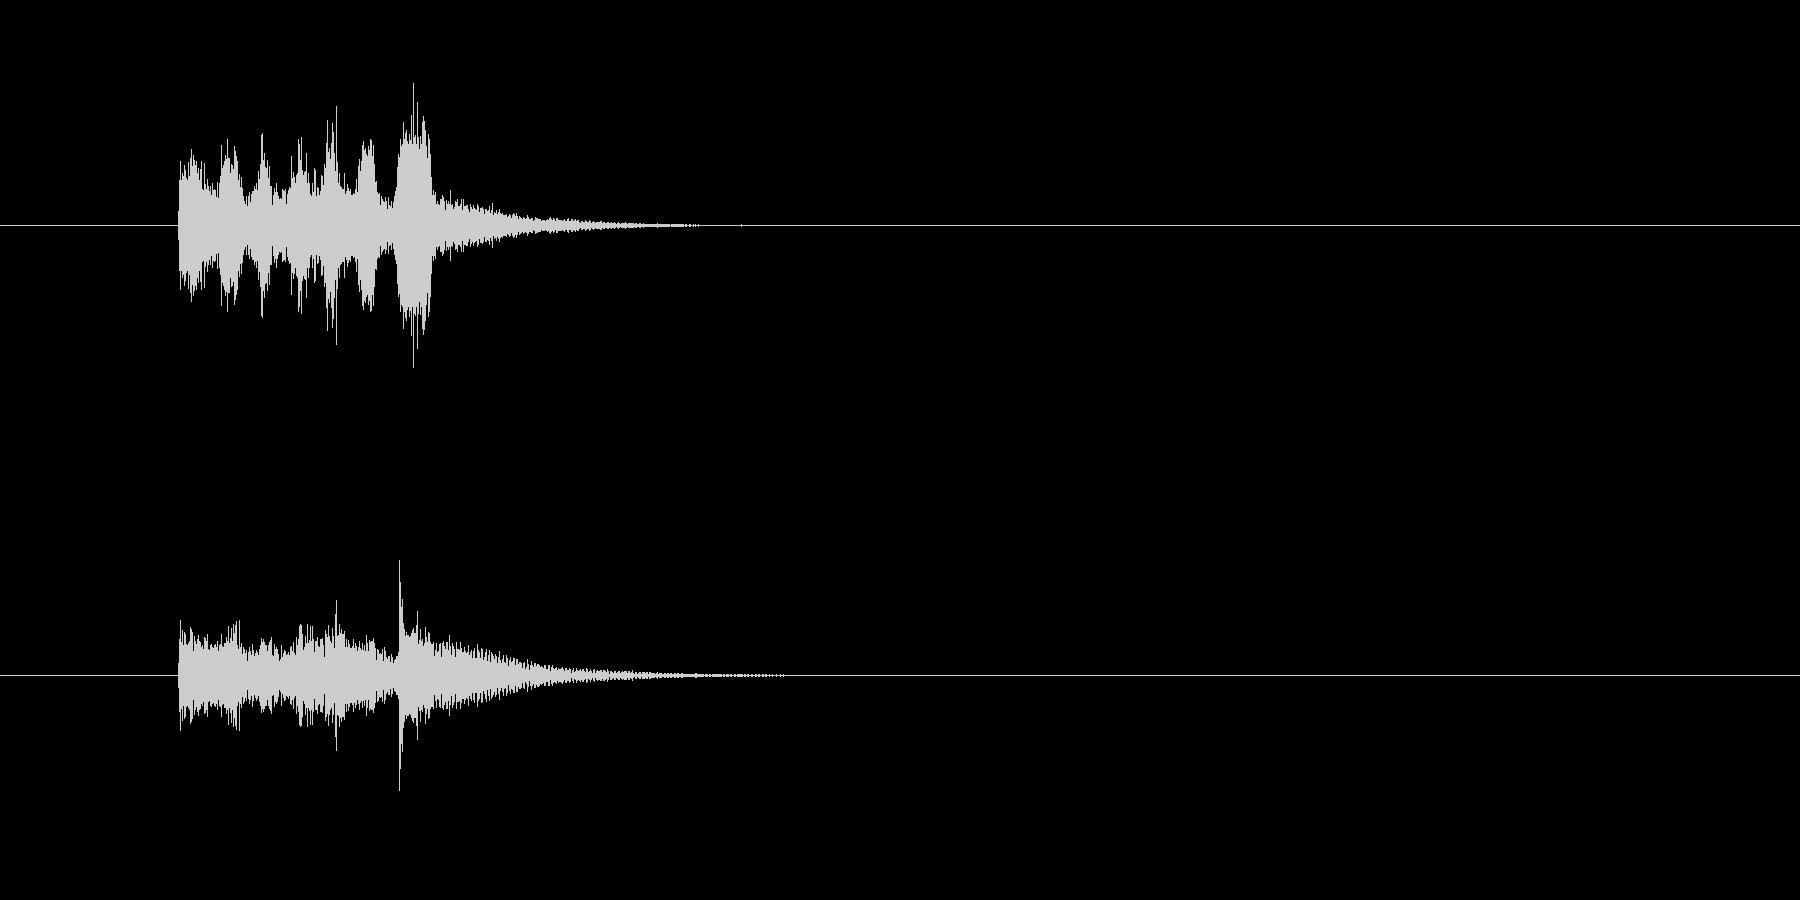 トランペット 変 コミカル 楽しいの未再生の波形